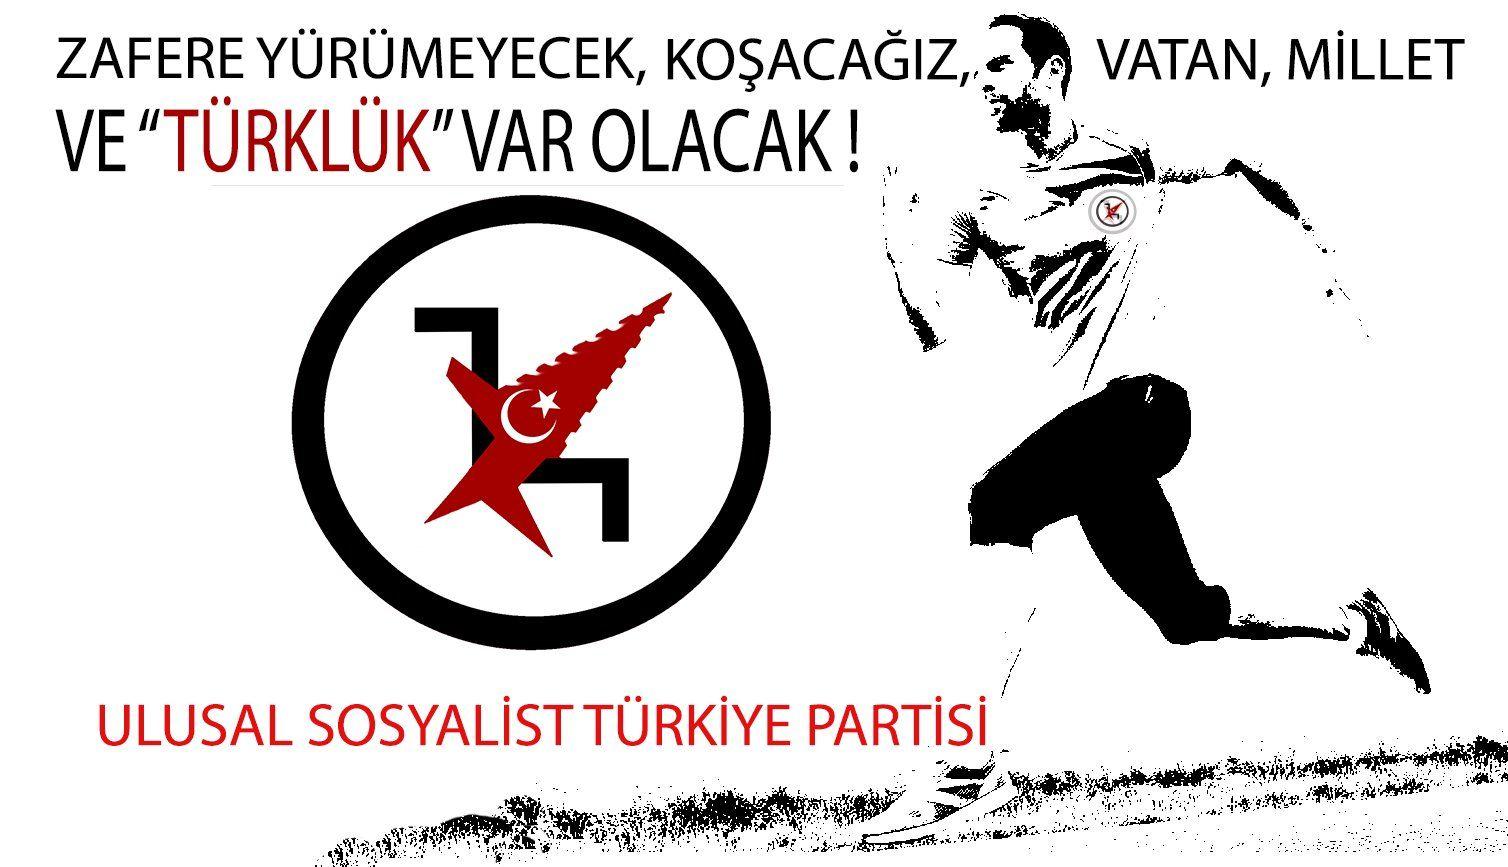 Ulusal Sosyalist Türkiye Partisi Ustpar Nasyonal Sosyalizm